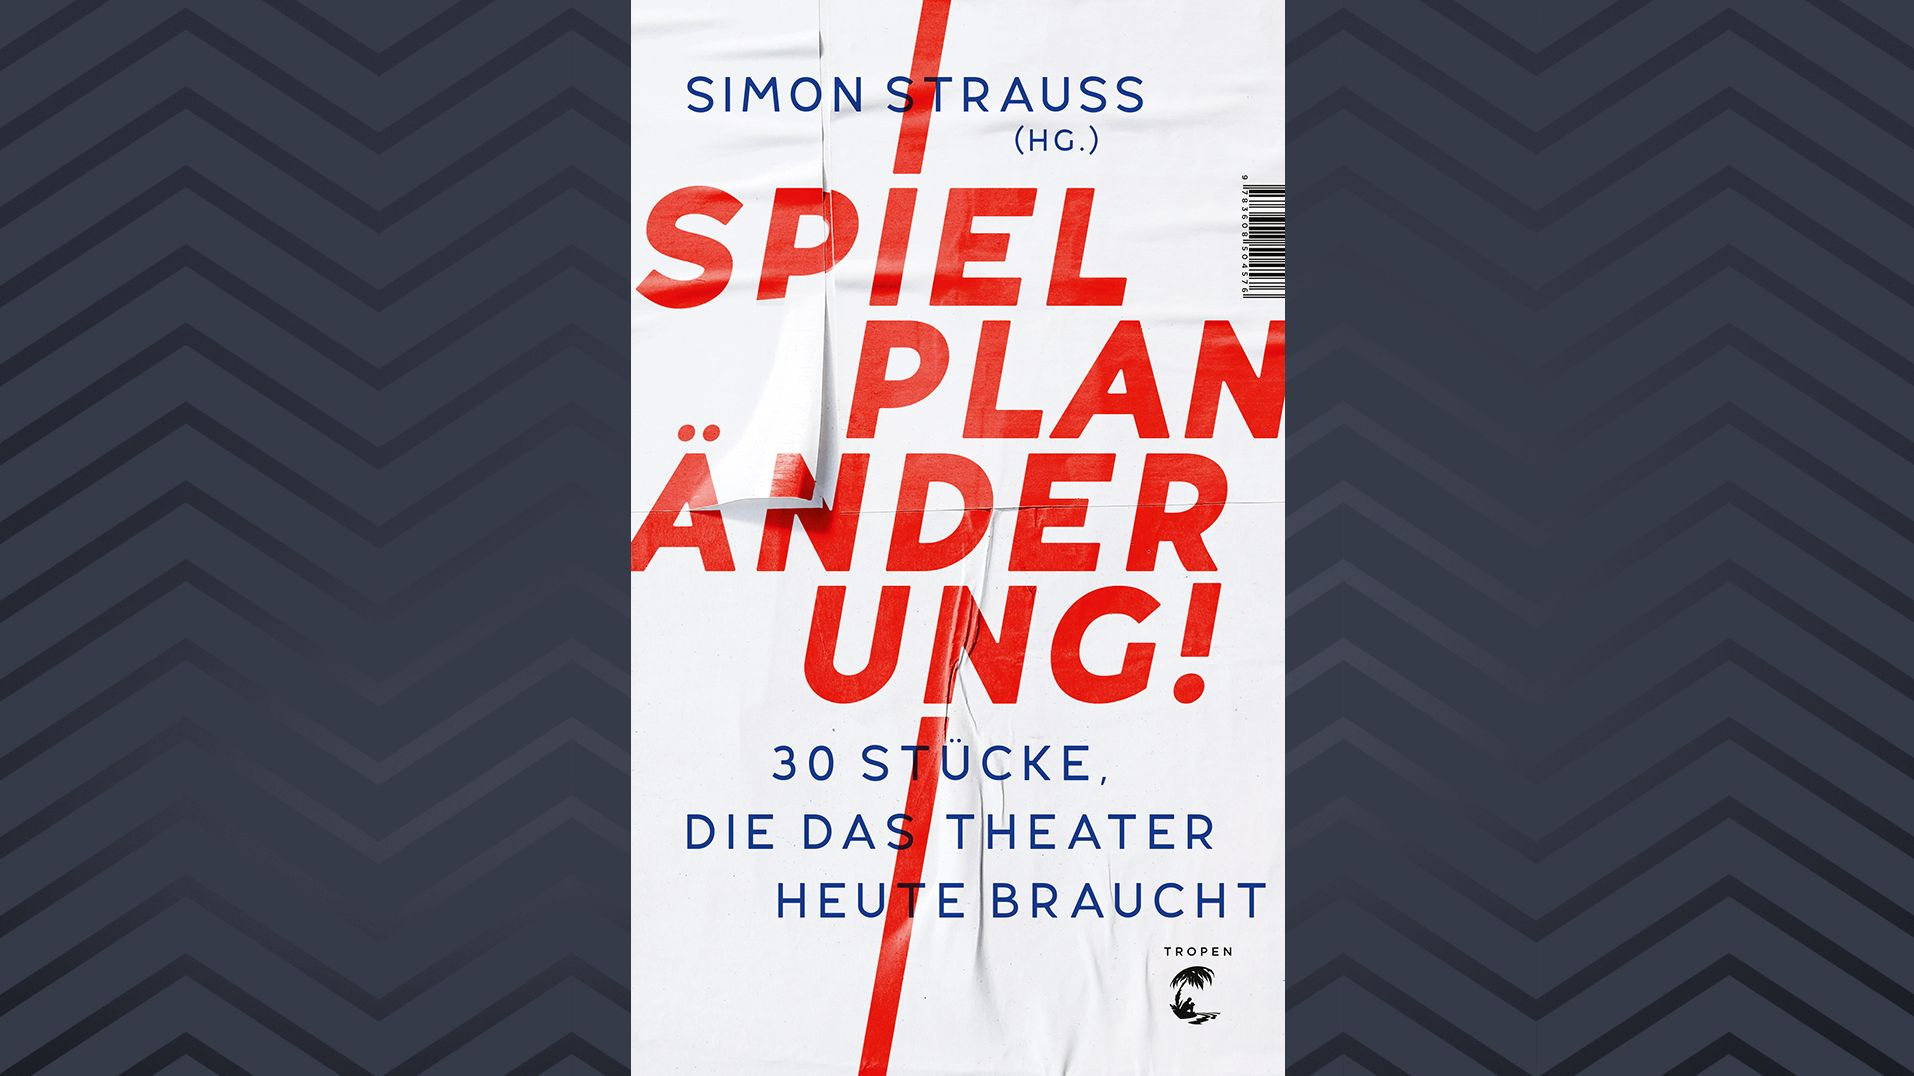 """Buchcover zu Simon Strauß """"Spielplanänderung!"""", der Titel in roten Großbuchstaben und Ausrufezeichen unterstreicht seine Forderung"""